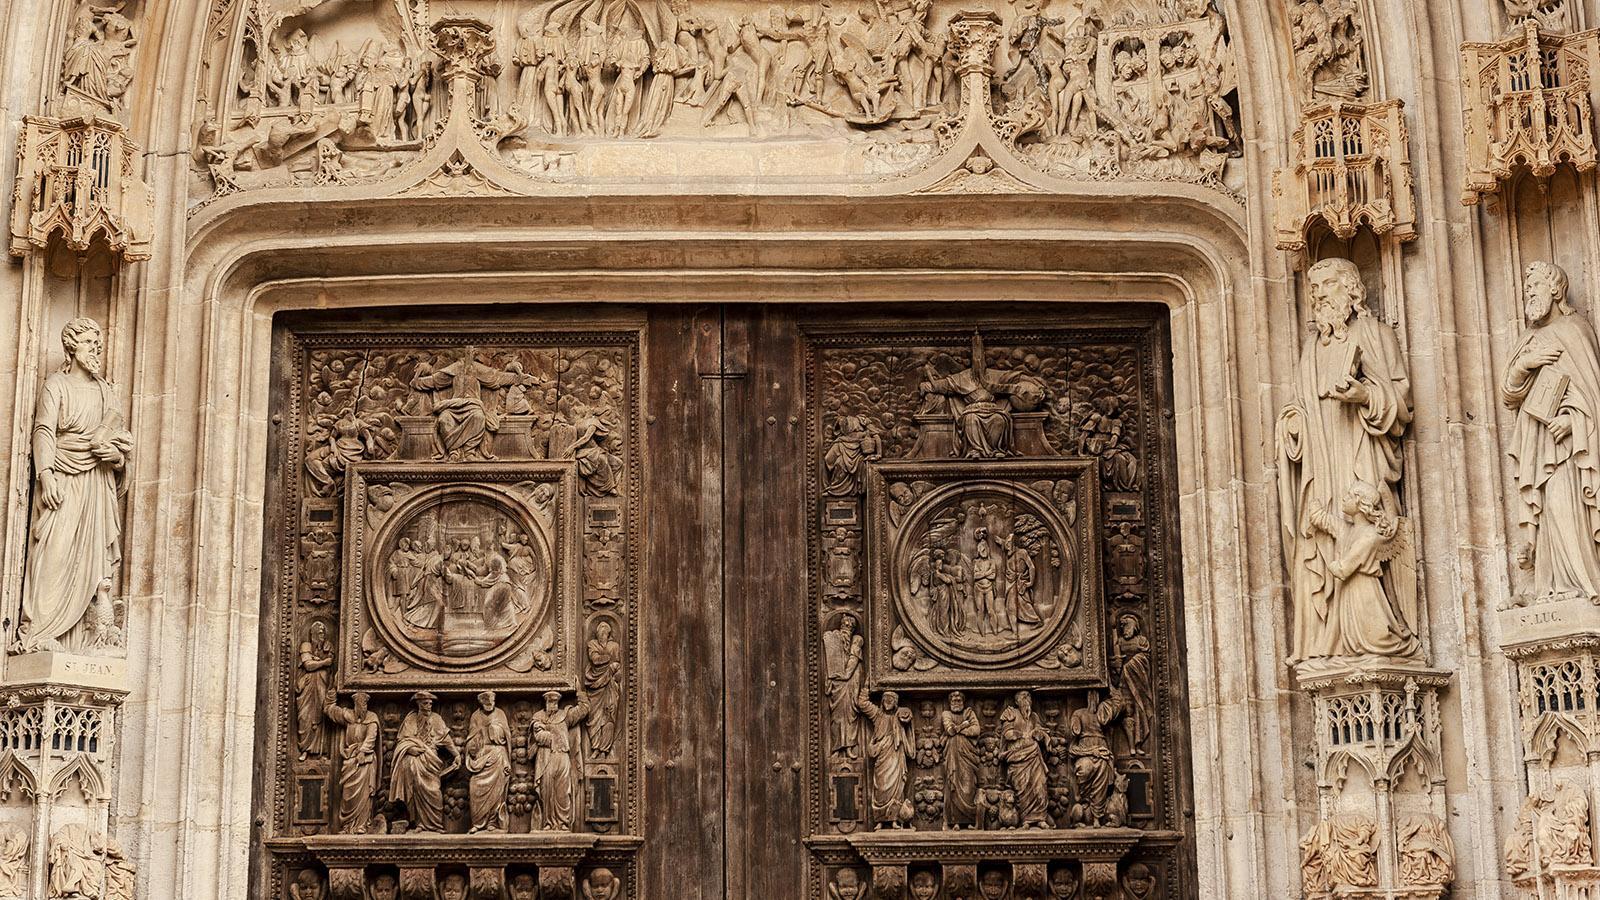 Rouen: Das Portal der Église Saint-Maclou thematisiert Laster und Tugenden. Foto: Hilke Maunder